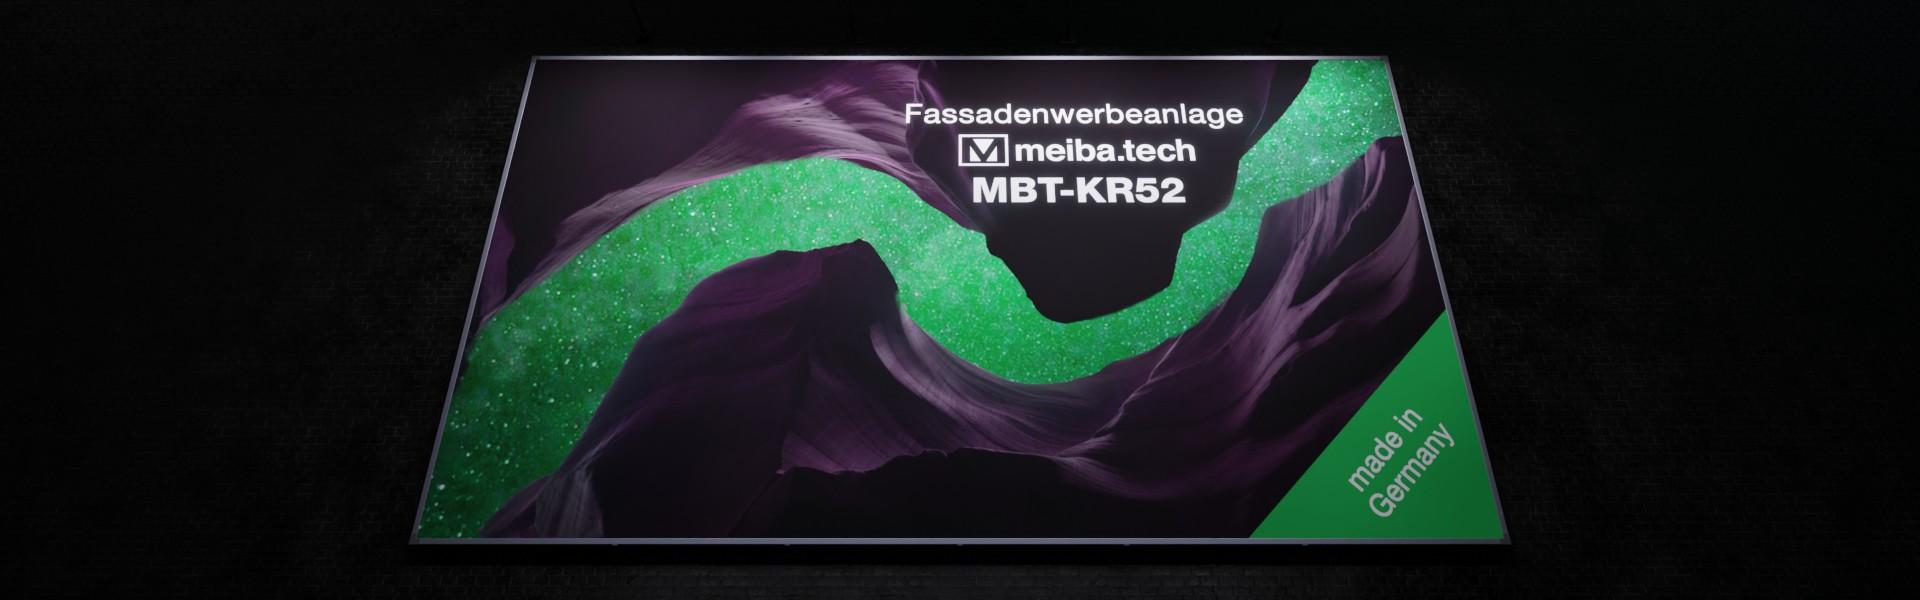 Werbeanlage MBT-KR52 für langfristige Bannerwerbung an Fassaden, untere Ansicht beleuchtet